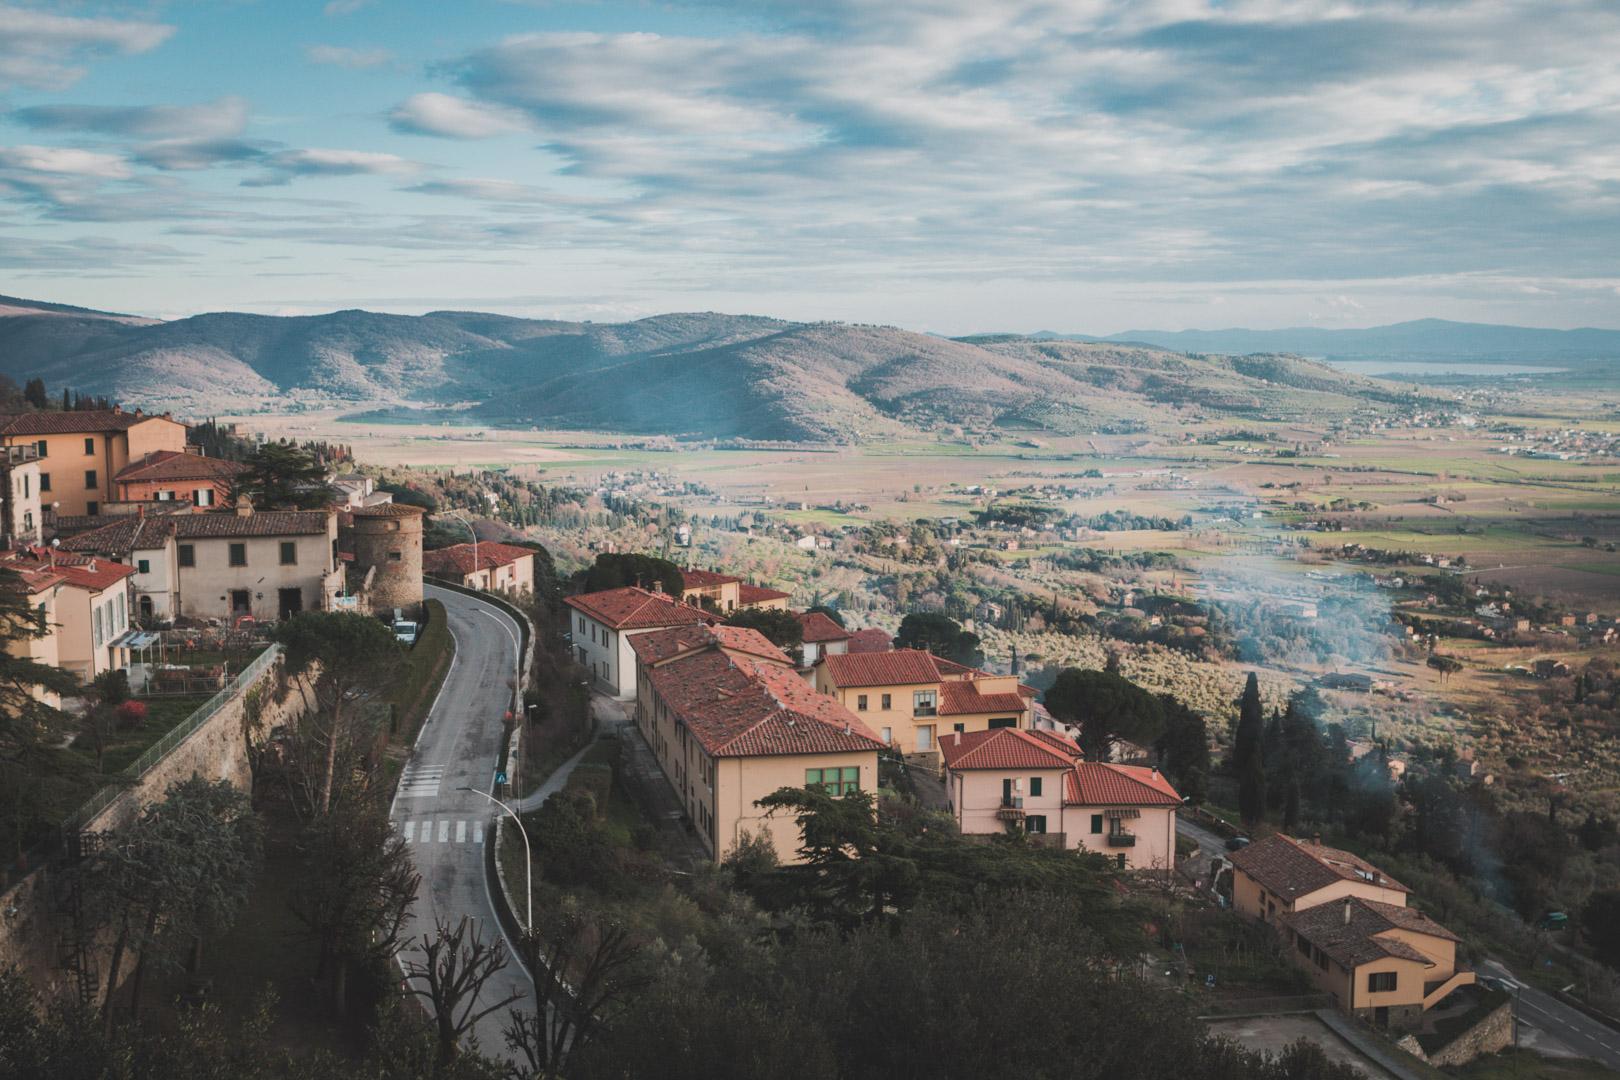 Taste of Tuscany - Juliana Wall